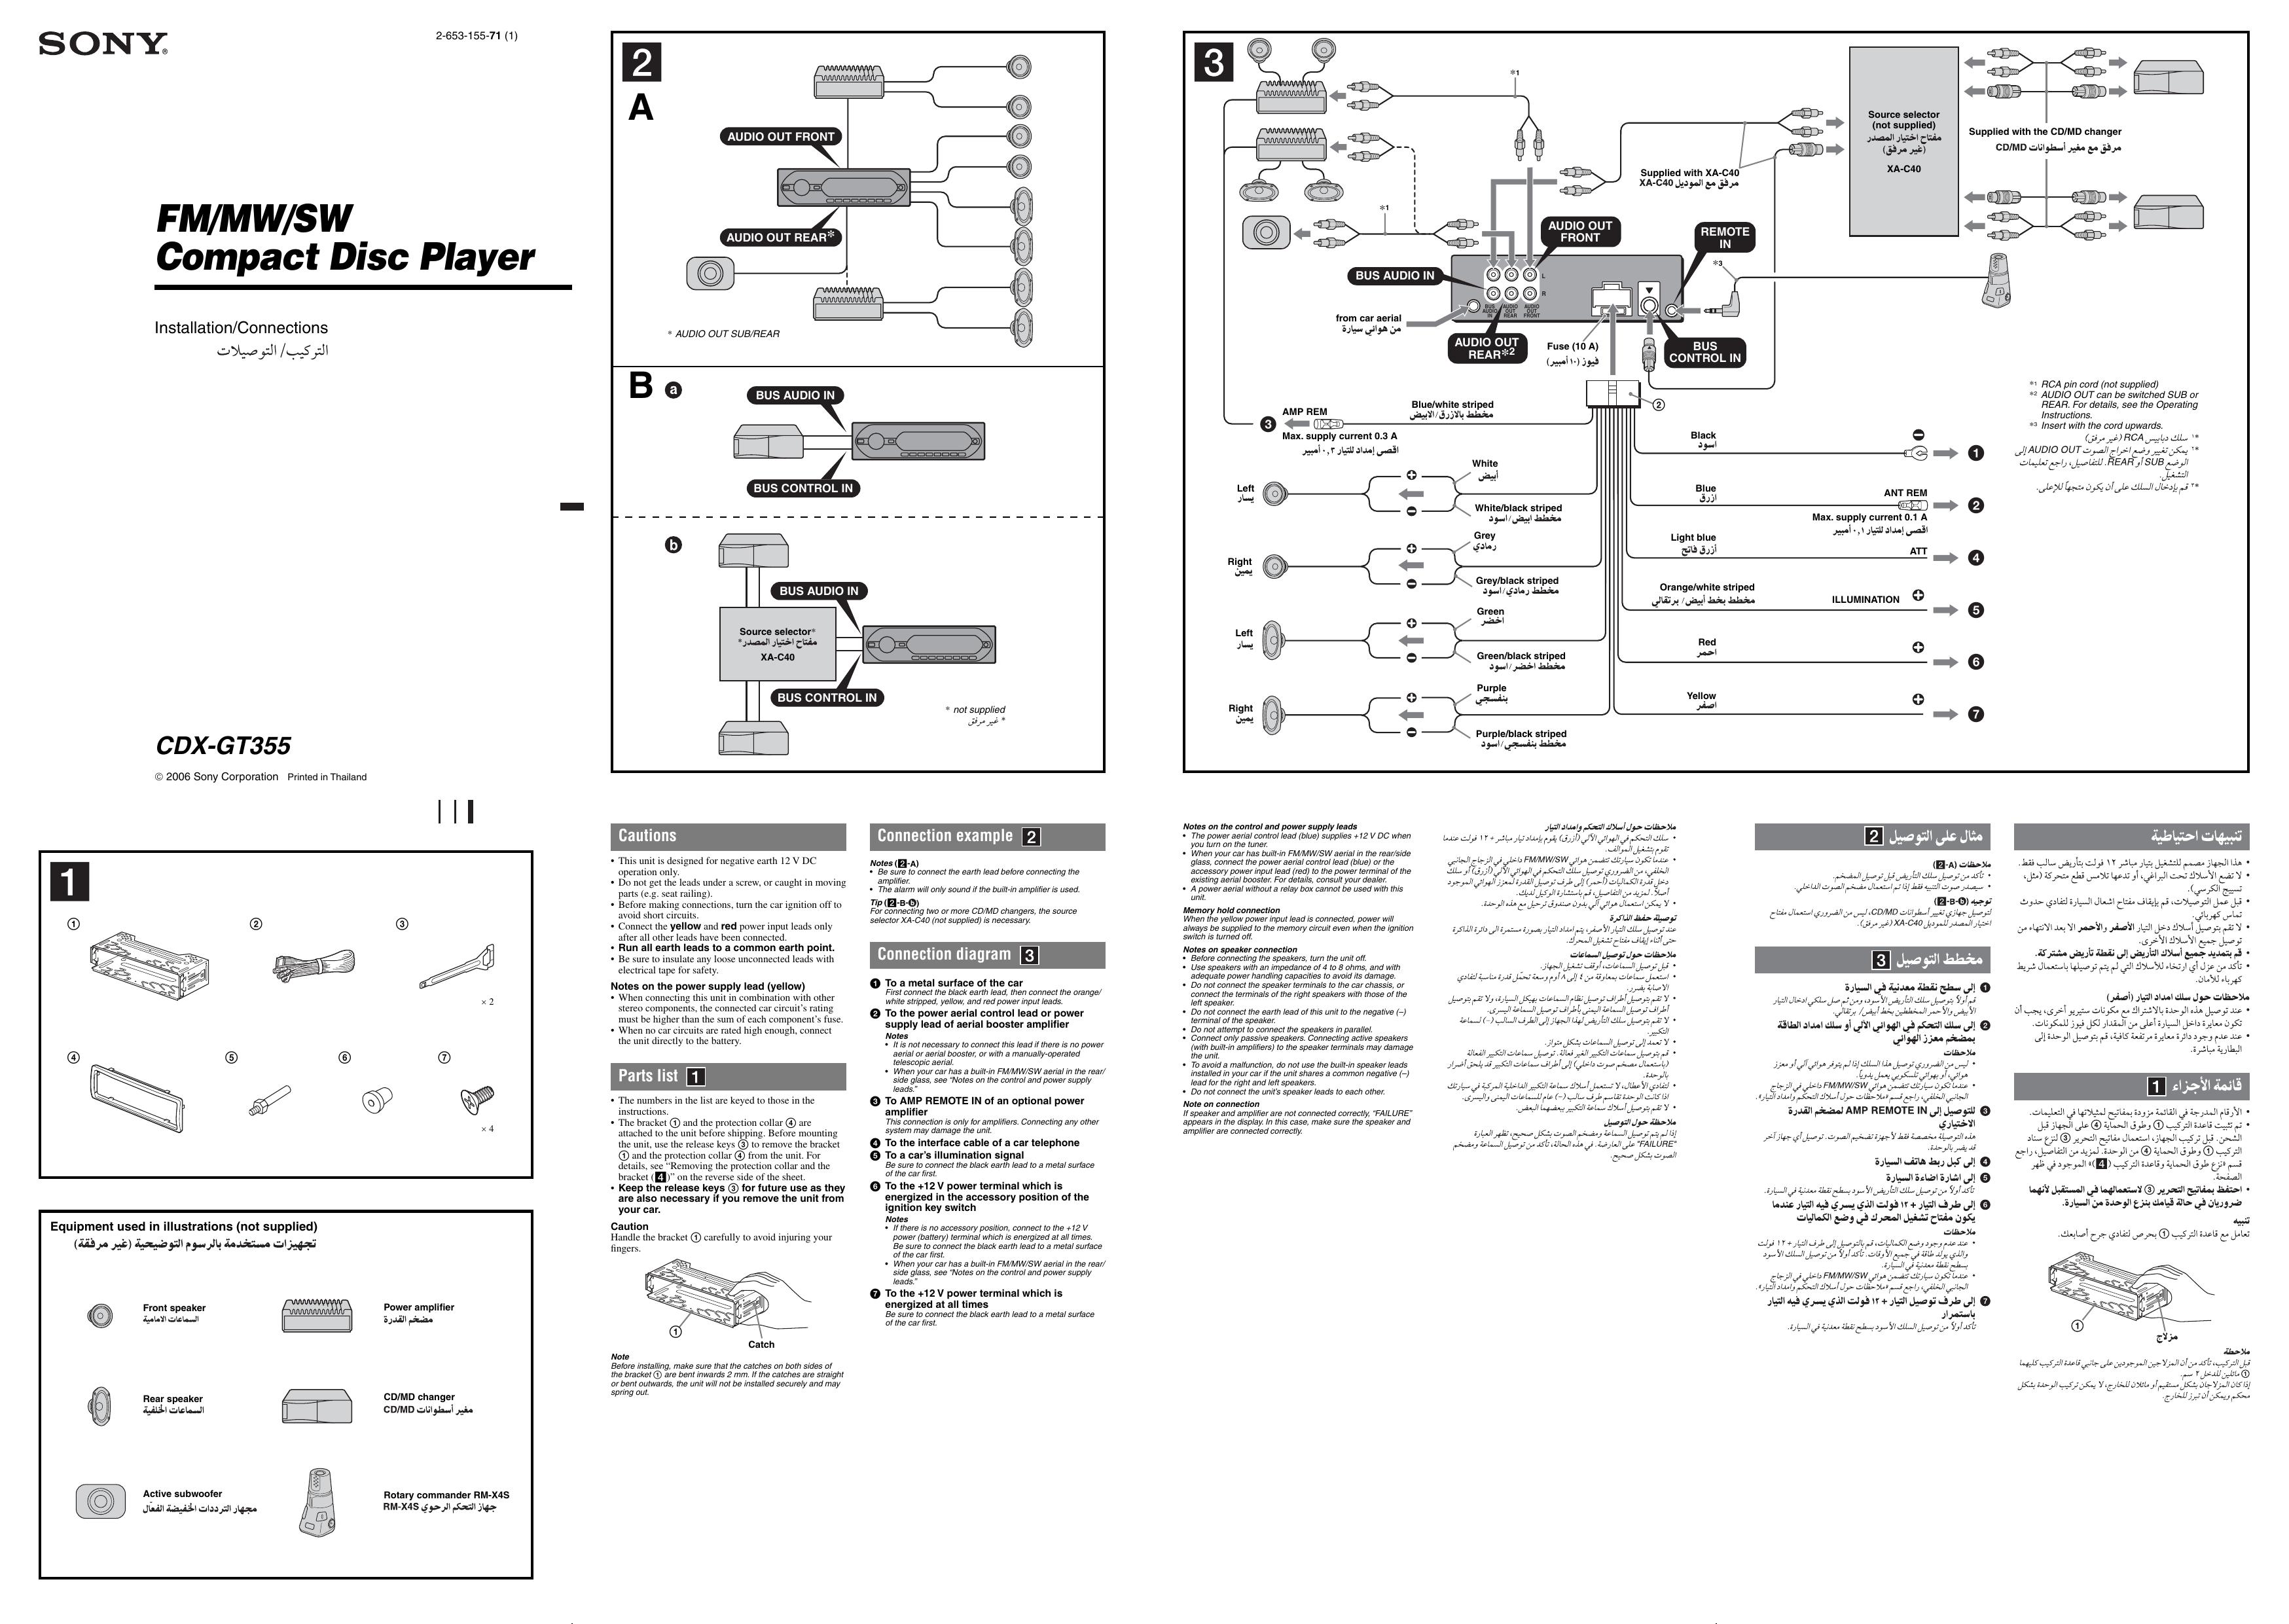 Sony Cdx-Gt09 Wiring Diagram from s1.manualzz.com